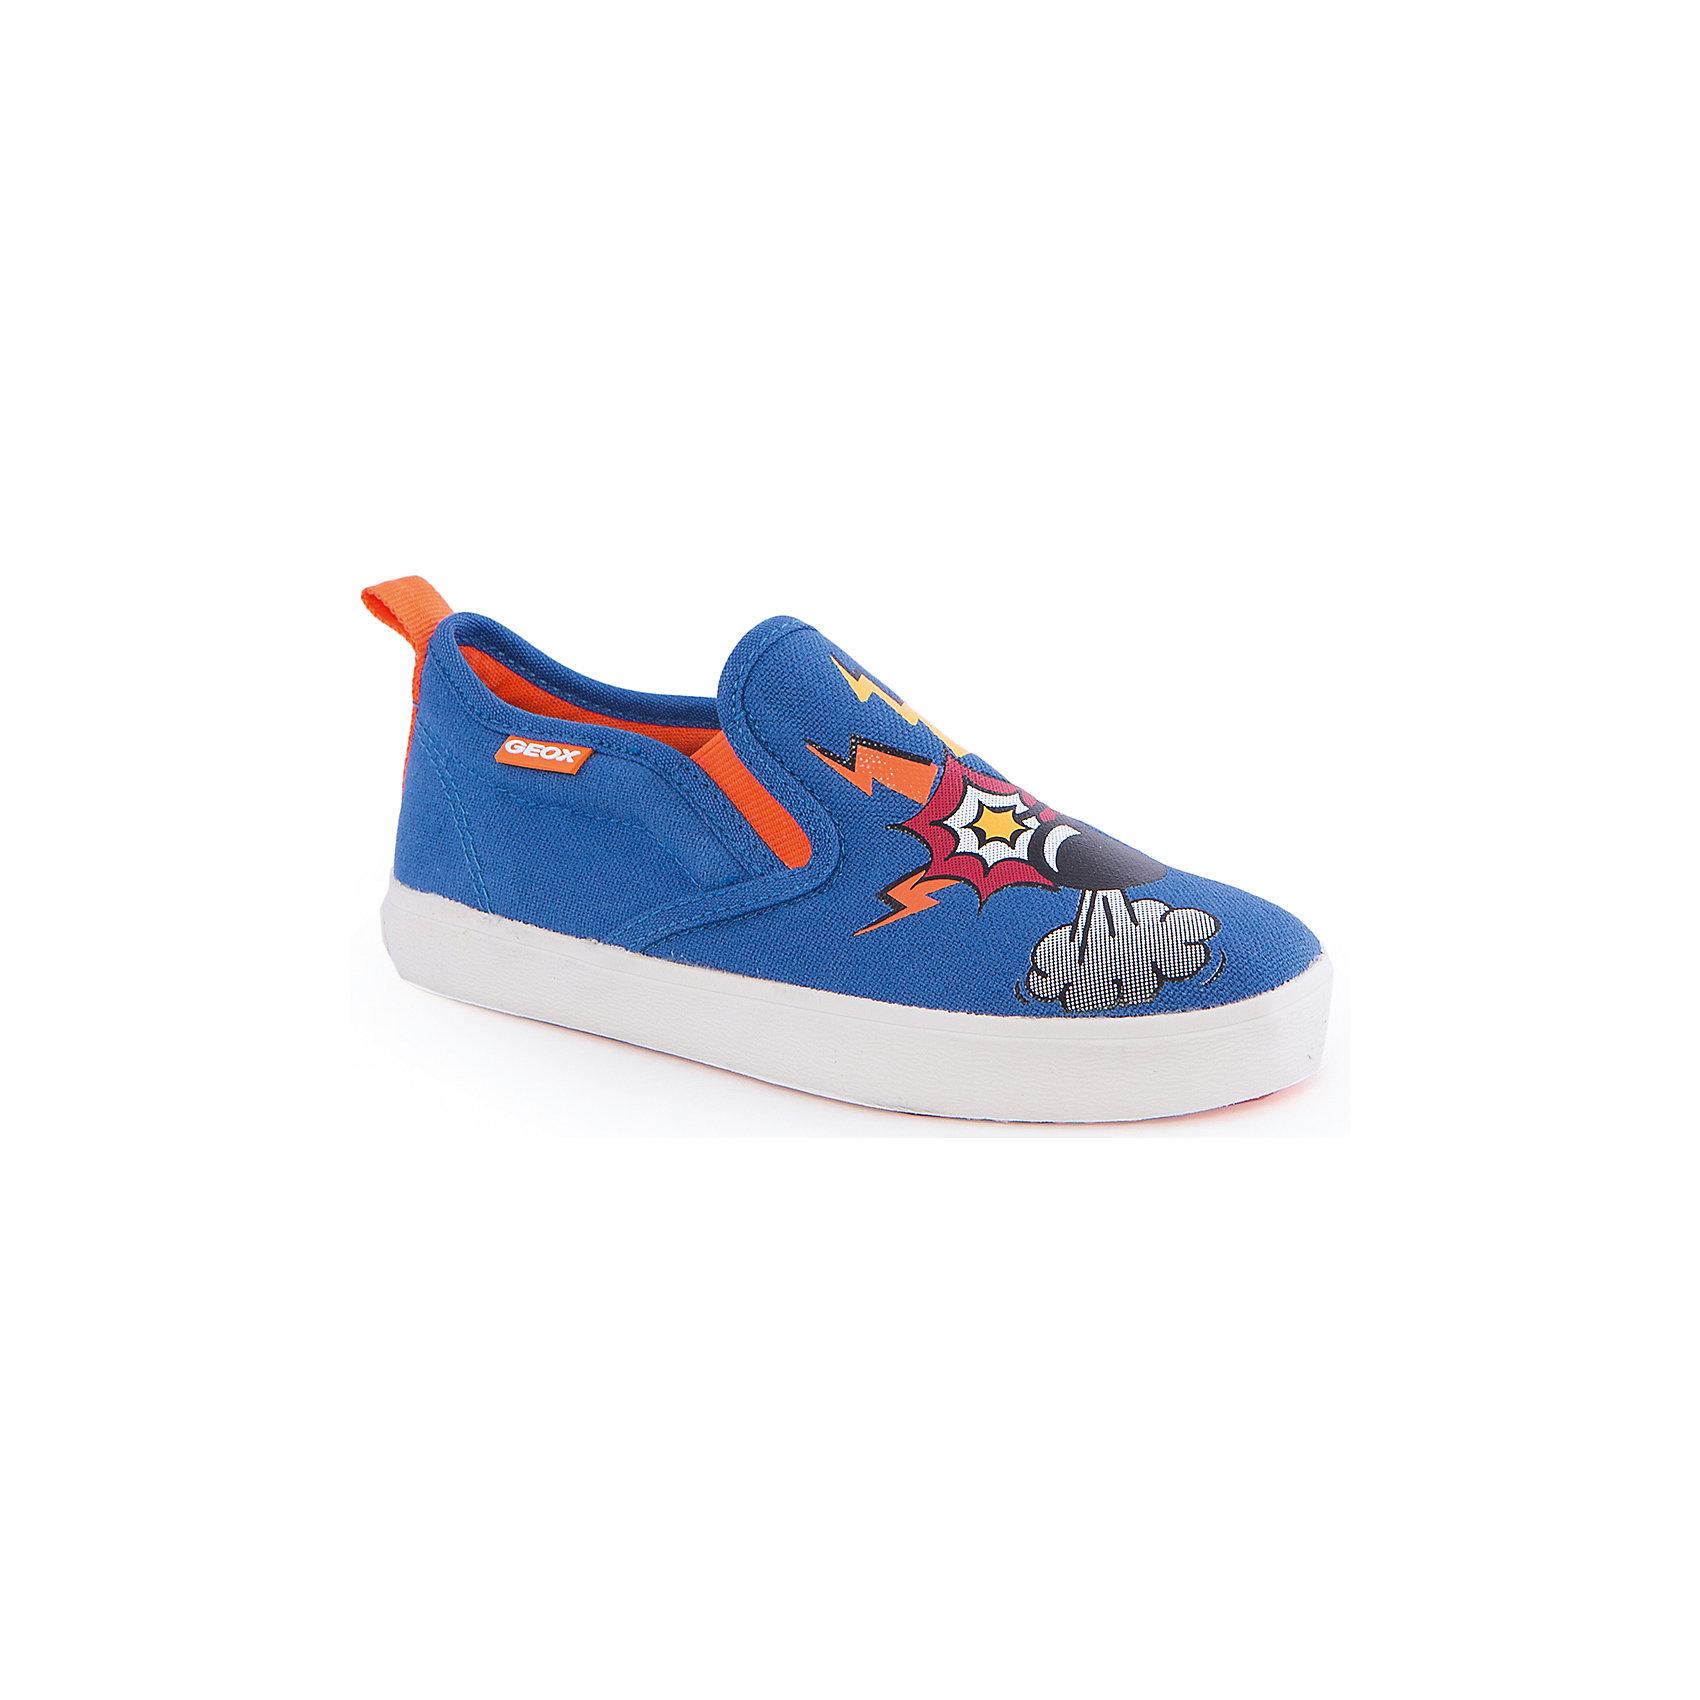 Кроссовки для мальчика GEOXКроссовки для мальчика от популярной марки GEOX (Геокс).<br><br>Легкие текстильные кроссовки с принтом - отличная обувь для нового весеннего сезона. Модель очень стильно и оригинально смотрится.<br>Производитель обуви заботится не только о внешнем виде, но и стабильно высоком качестве продукции. GEOX (Геокс) разработал специальную дышащую подошву, которая не пропускает влагу внутрь, а также высокотехнологичную стельку.<br><br>Отличительные особенности модели:<br><br>- цвет: темно-синий;<br>- декорированы принтом;<br>- гибкая водоотталкивающая подошва с дышащей мембраной;<br>- мягкий и легкий верх;<br>- стильный дизайн;<br>- без застежек;<br>- комфортное облегание;<br>- верх обуви и подкладка сделаны без использования хрома.<br><br>Дополнительная информация:<br><br>- Температурный режим: от +10° С до 25° С.<br><br>- Состав:<br><br>материал верха: текстиль<br>материал подкладки: текстиль<br>подошва: 100% резина<br><br>Кроссовки для мальчика GEOX (Геокс) (Геокс) можно купить в нашем магазине.<br><br>Ширина мм: 250<br>Глубина мм: 150<br>Высота мм: 150<br>Вес г: 250<br>Цвет: синий<br>Возраст от месяцев: 24<br>Возраст до месяцев: 36<br>Пол: Мужской<br>Возраст: Детский<br>Размер: 26,32,27,35,37,39,38,36,34,33,31,30,29,28<br>SKU: 4519569